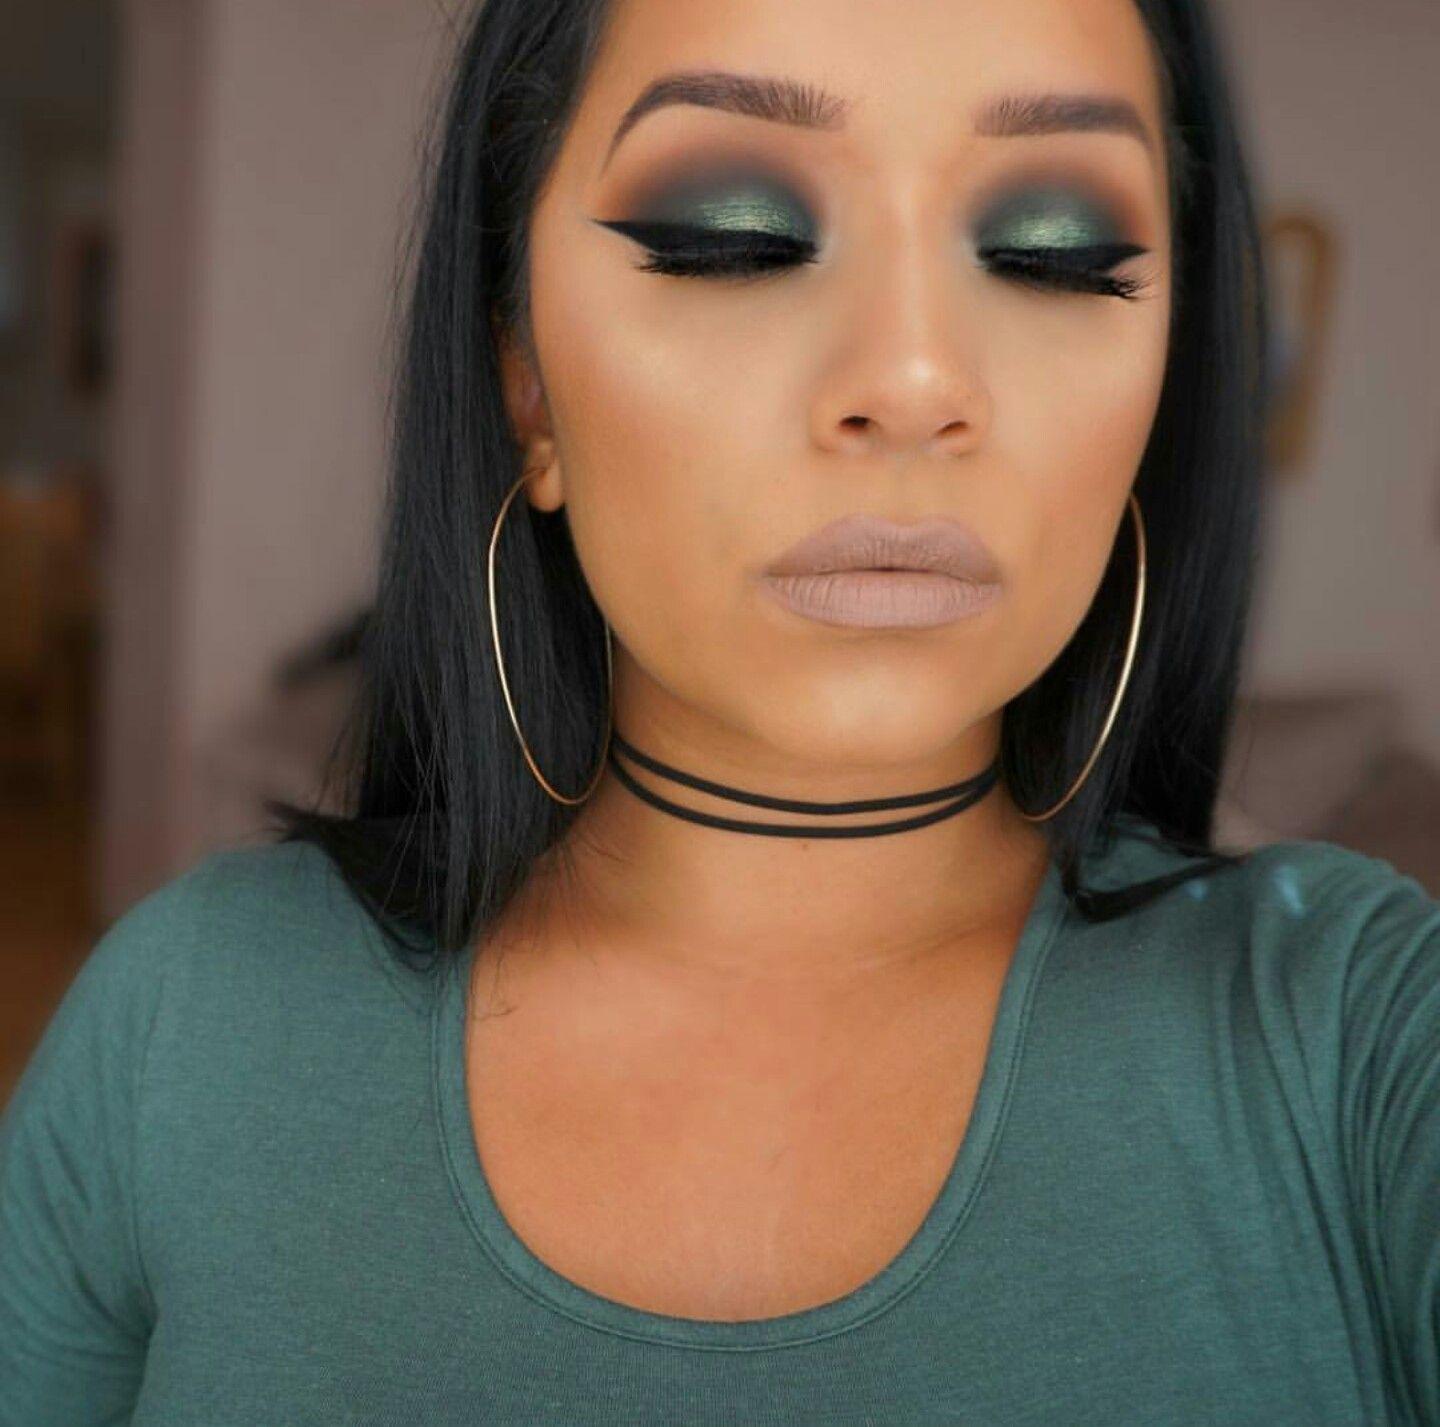 IG ohmglashes Green makeup, Fall makeup tutorial, Fall